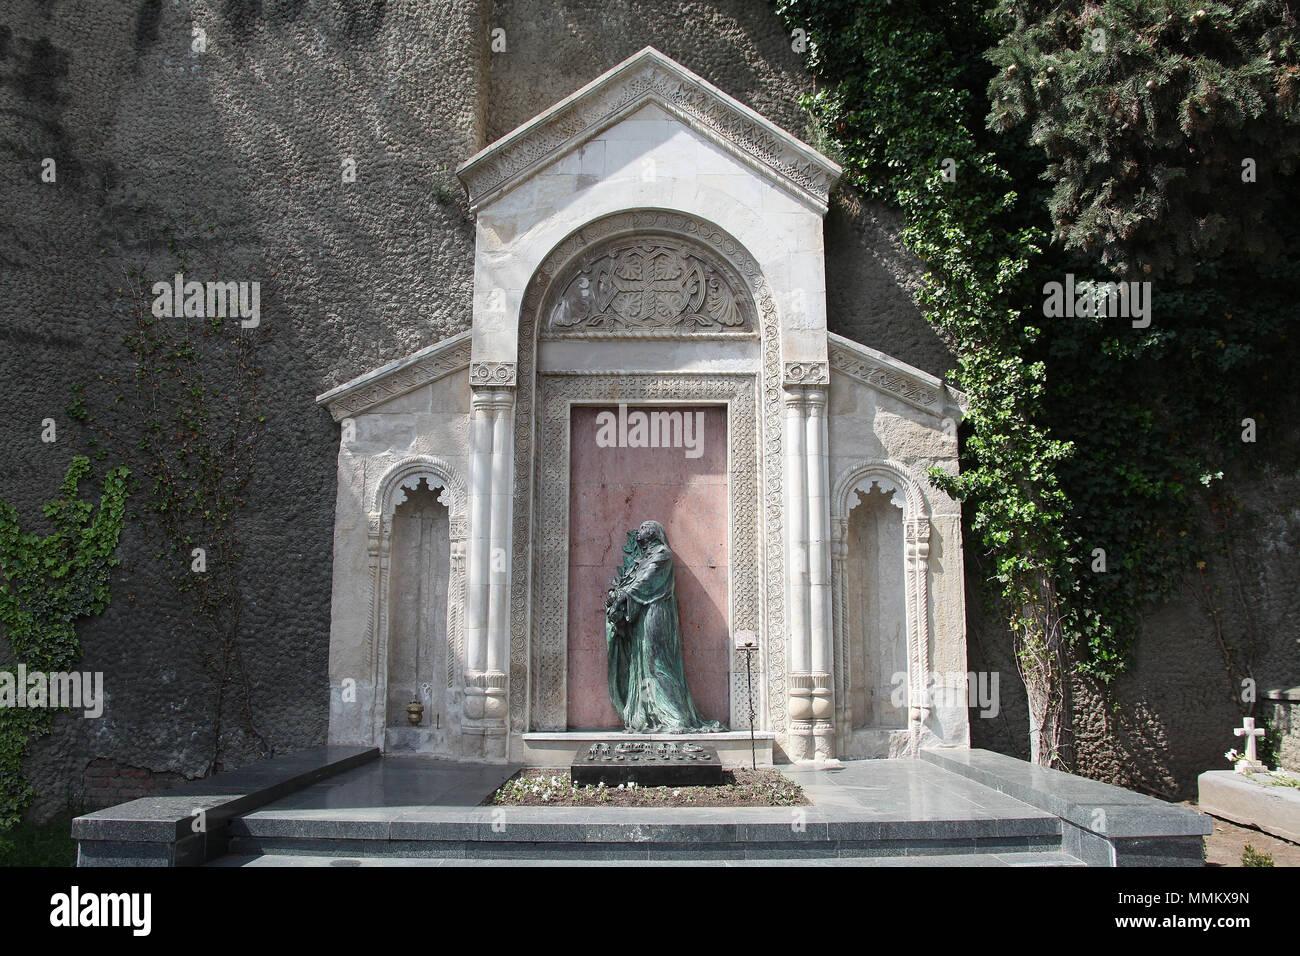 Mtatsminda Pantheon von Autoren und Persönlichkeiten des öffentlichen Lebens in Tiflis Stockbild